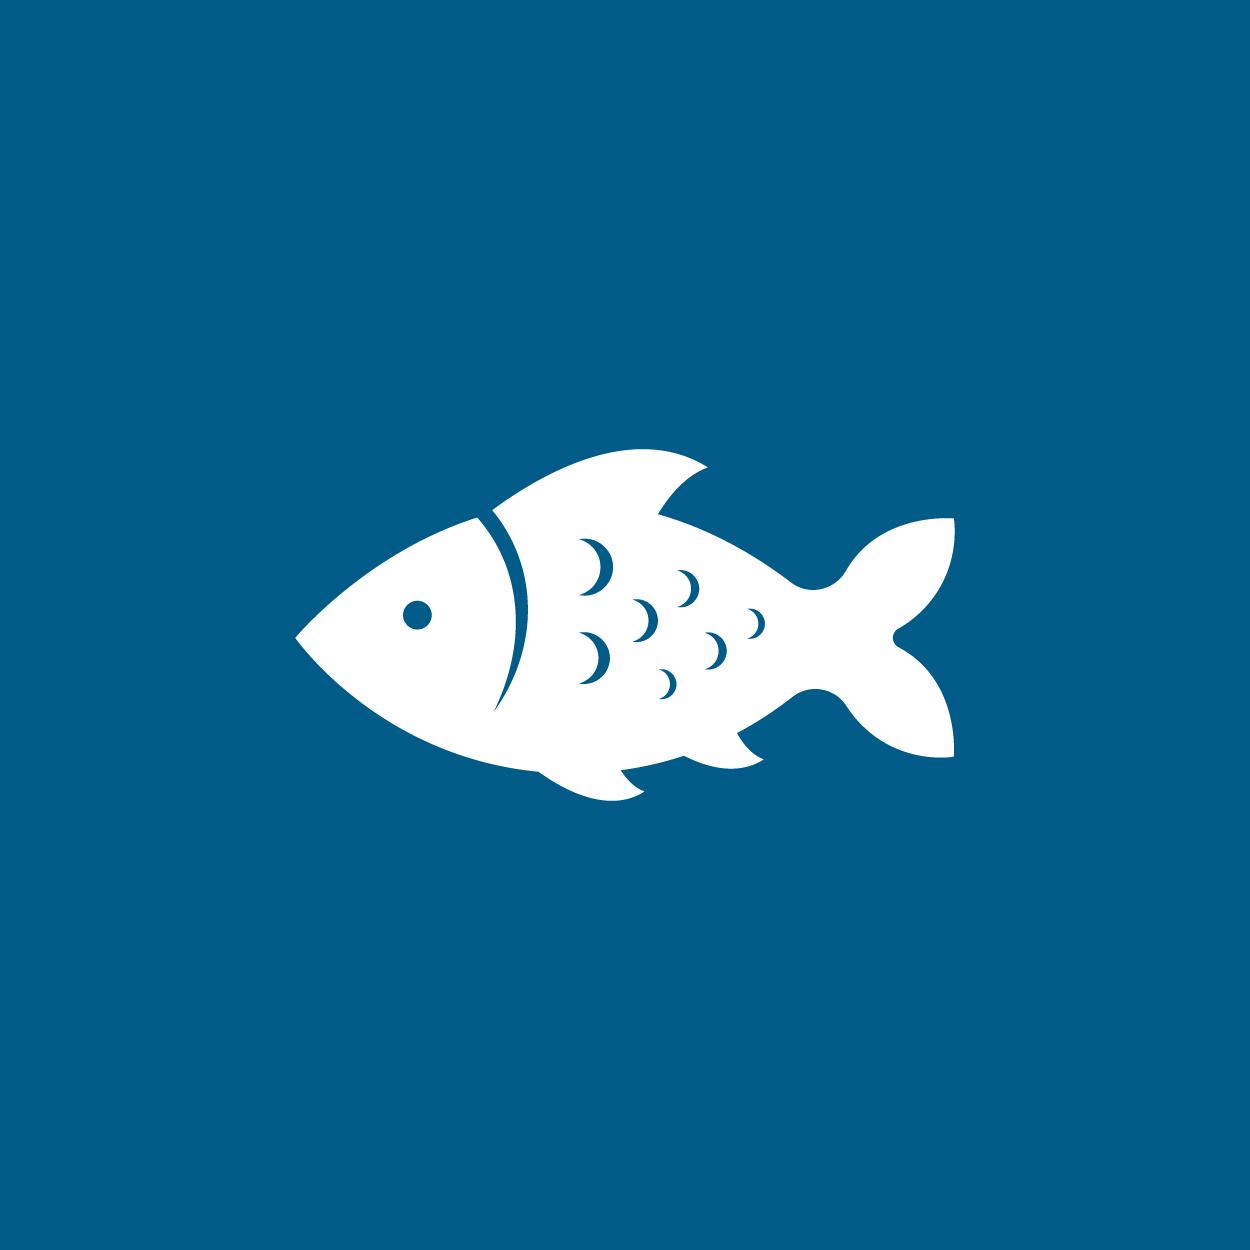 焼き魚を出す時の向き:頭が左・お腹が手前